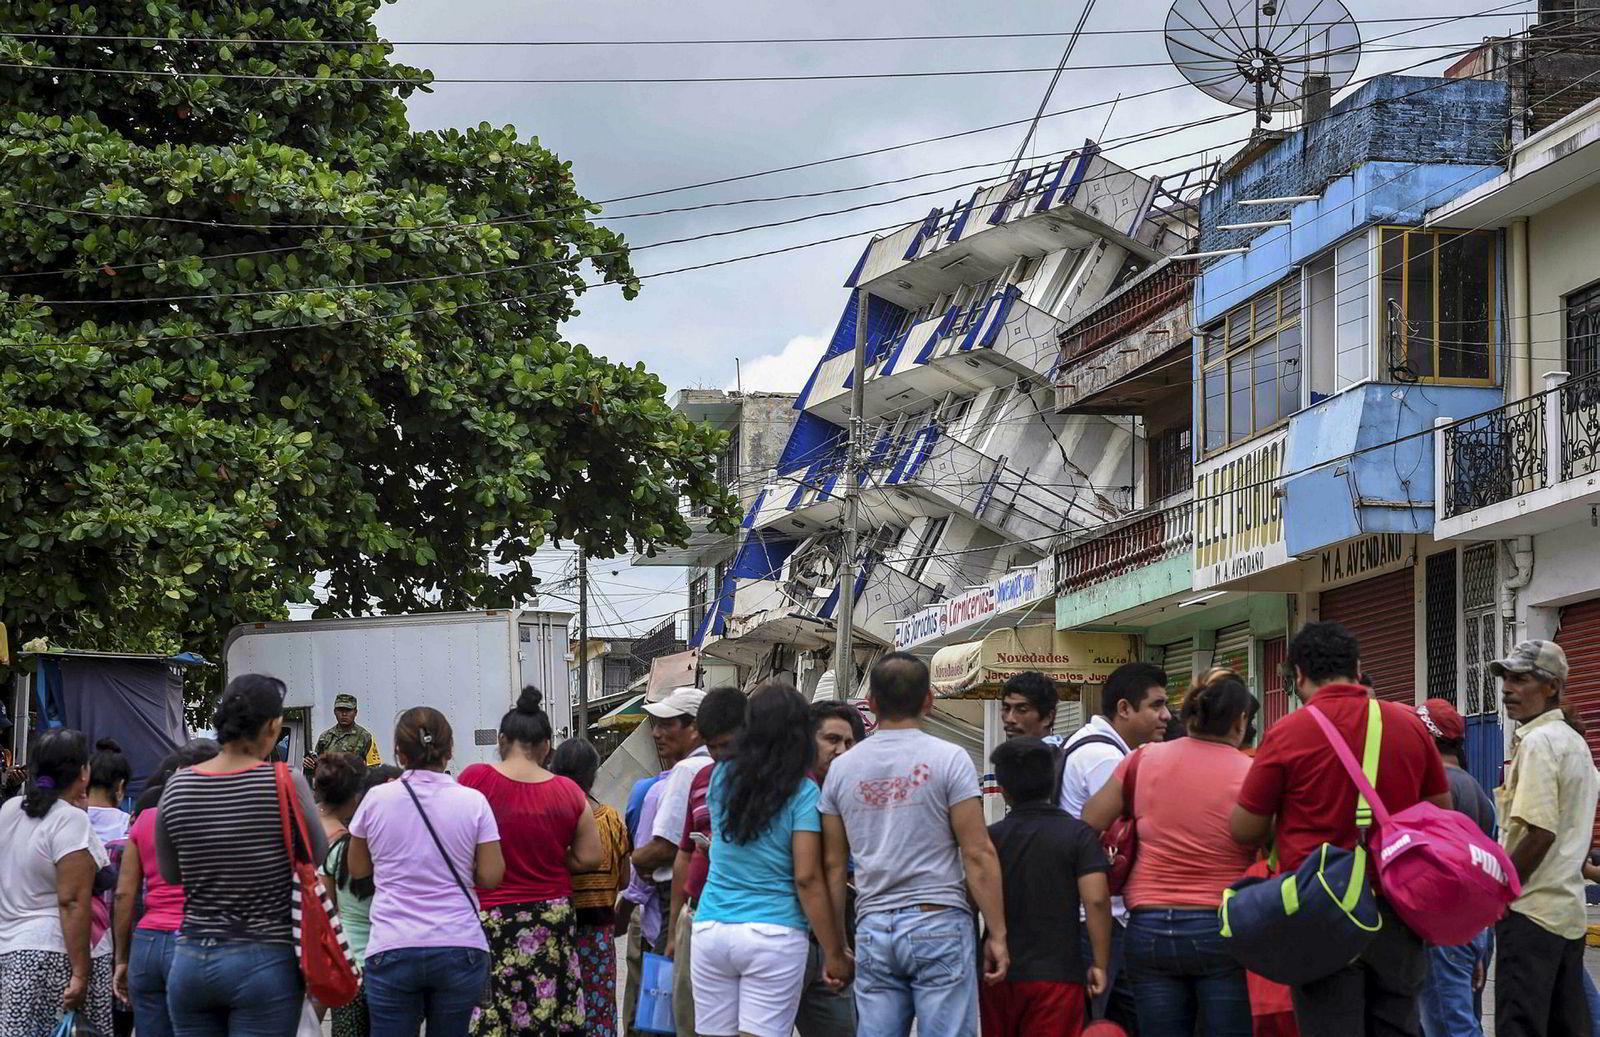 Jordskjelvet i Mexico har gjort store skader, som her i byen Matias Romero i delstaten Oaxaca sør i landet. Nå er den tropiske stormen Katia også på vei.